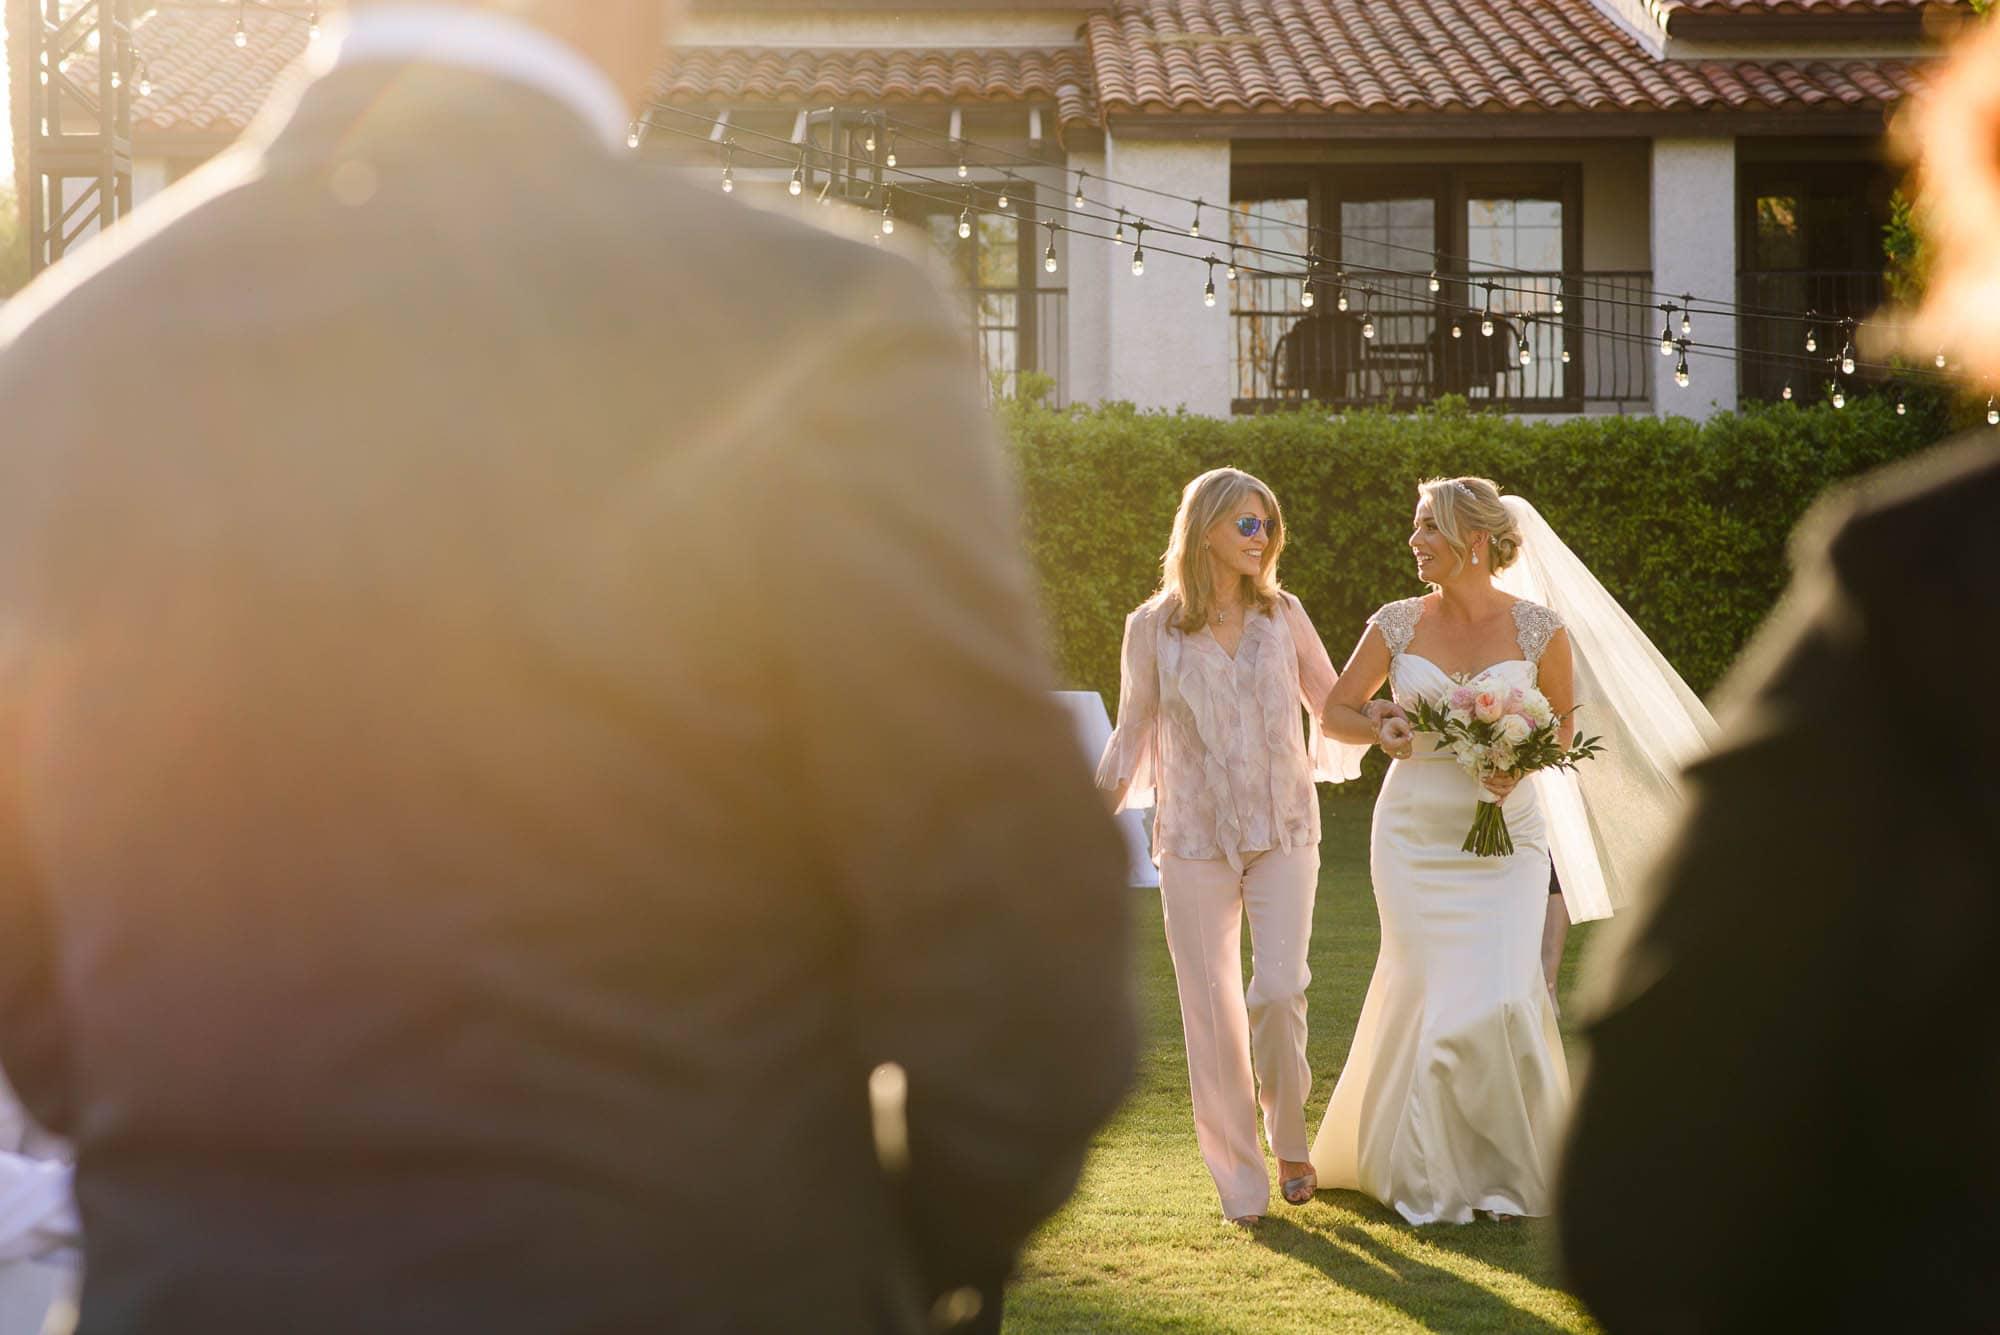 032_Alan_and_Heidi_Wedding_Amanda_Chad